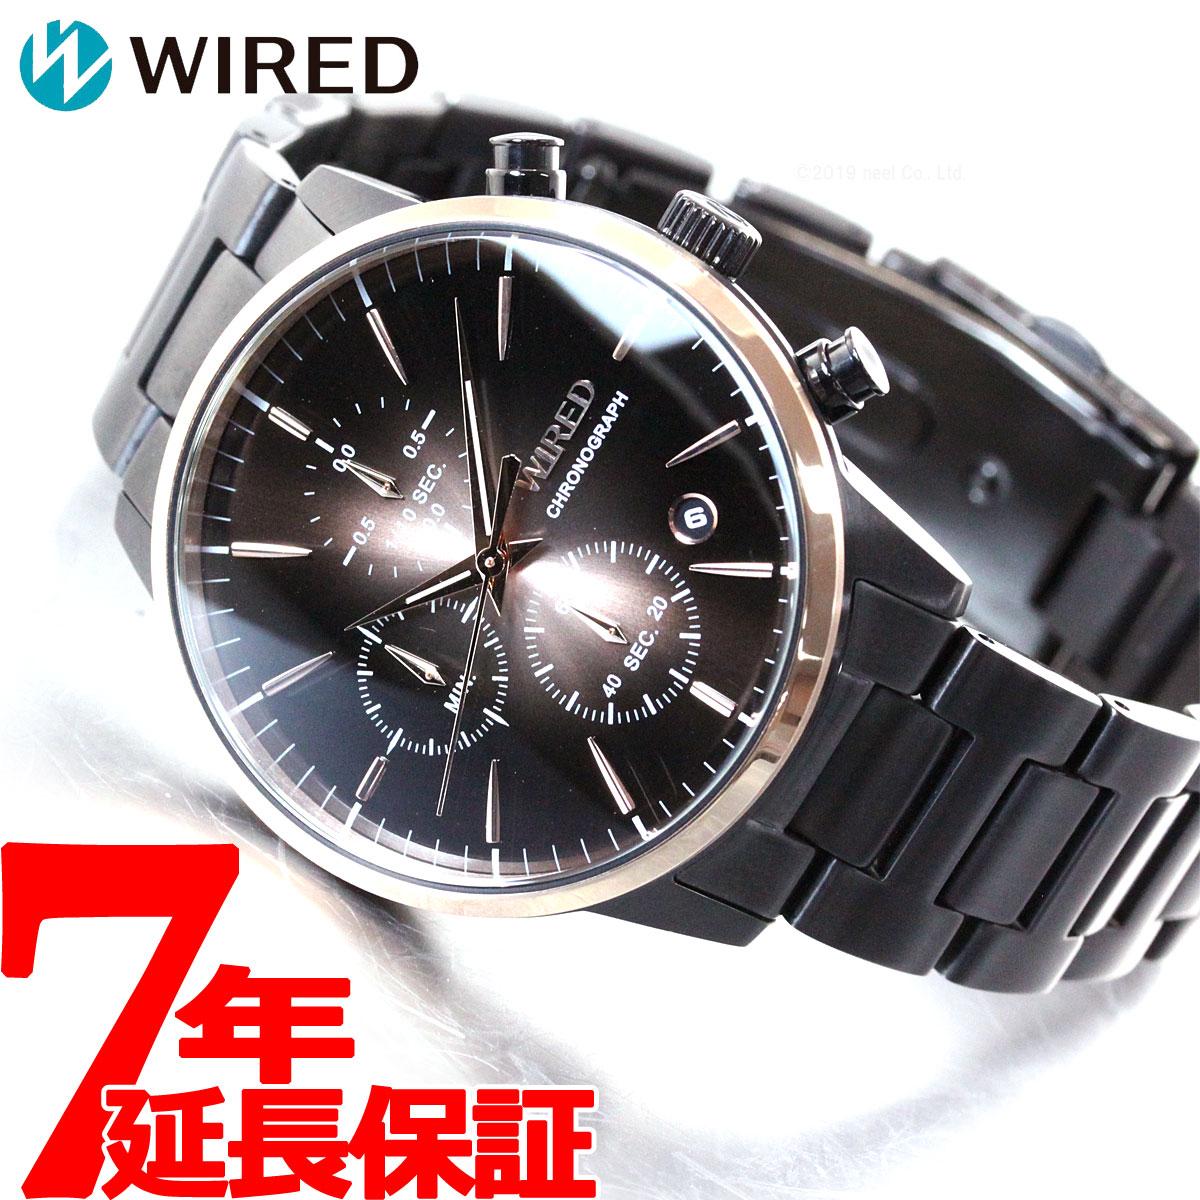 セイコー ワイアード SEIKO WIRED neel限定 メンズノンノ WEB掲載モデル 腕時計 メンズ TOKYO SORA AGAT738